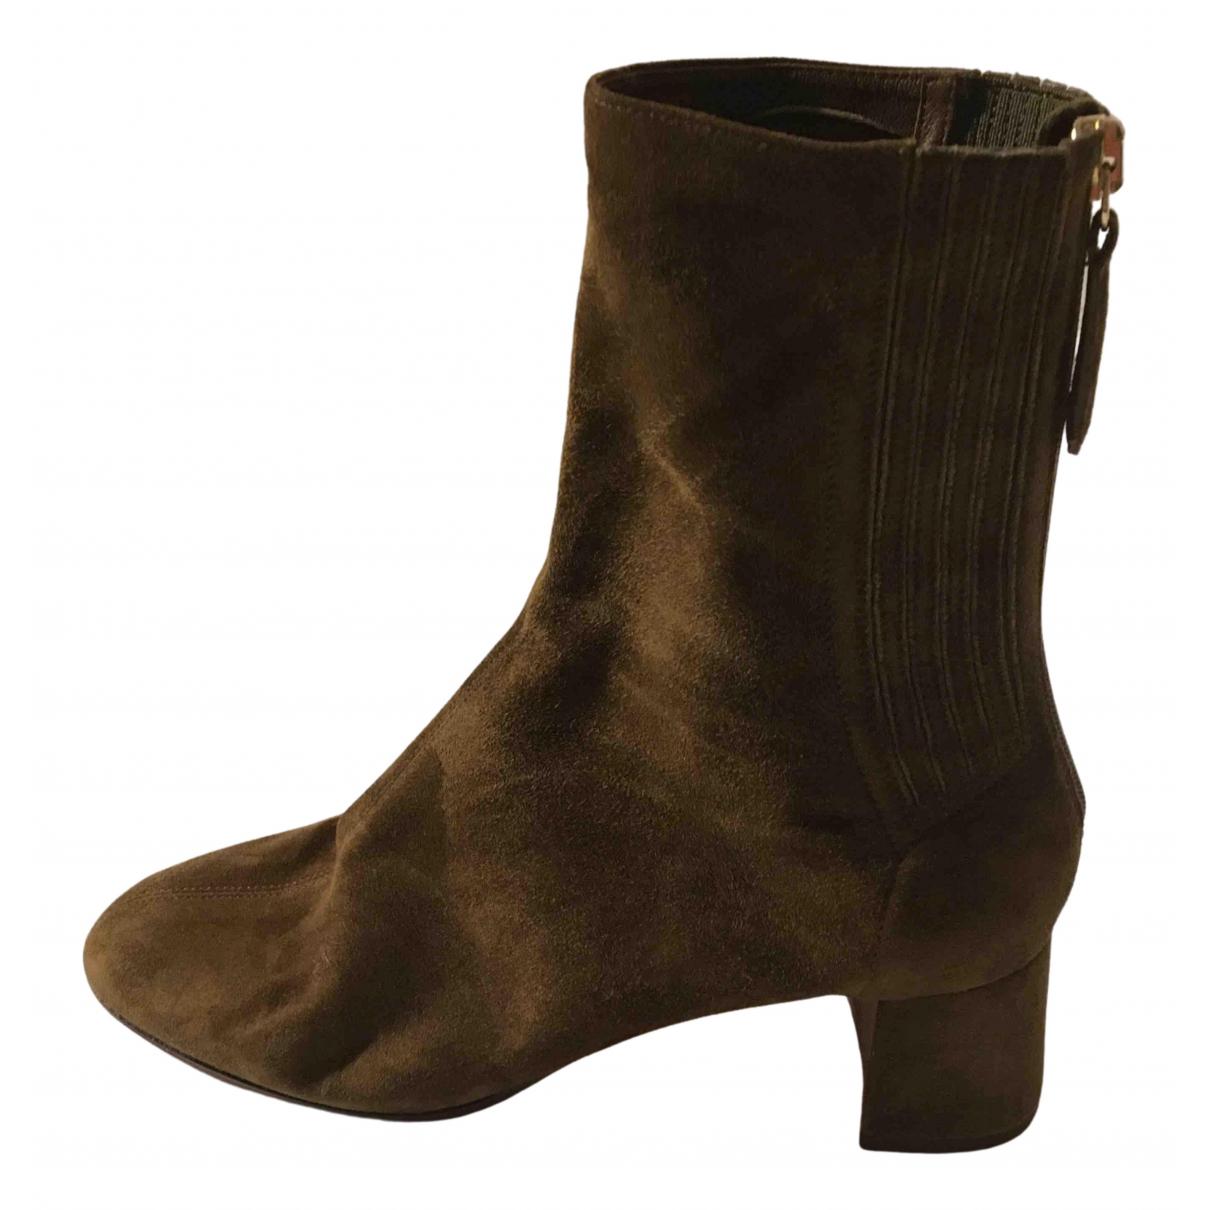 Aquazzura N Khaki Suede Ankle boots for Women 36 EU